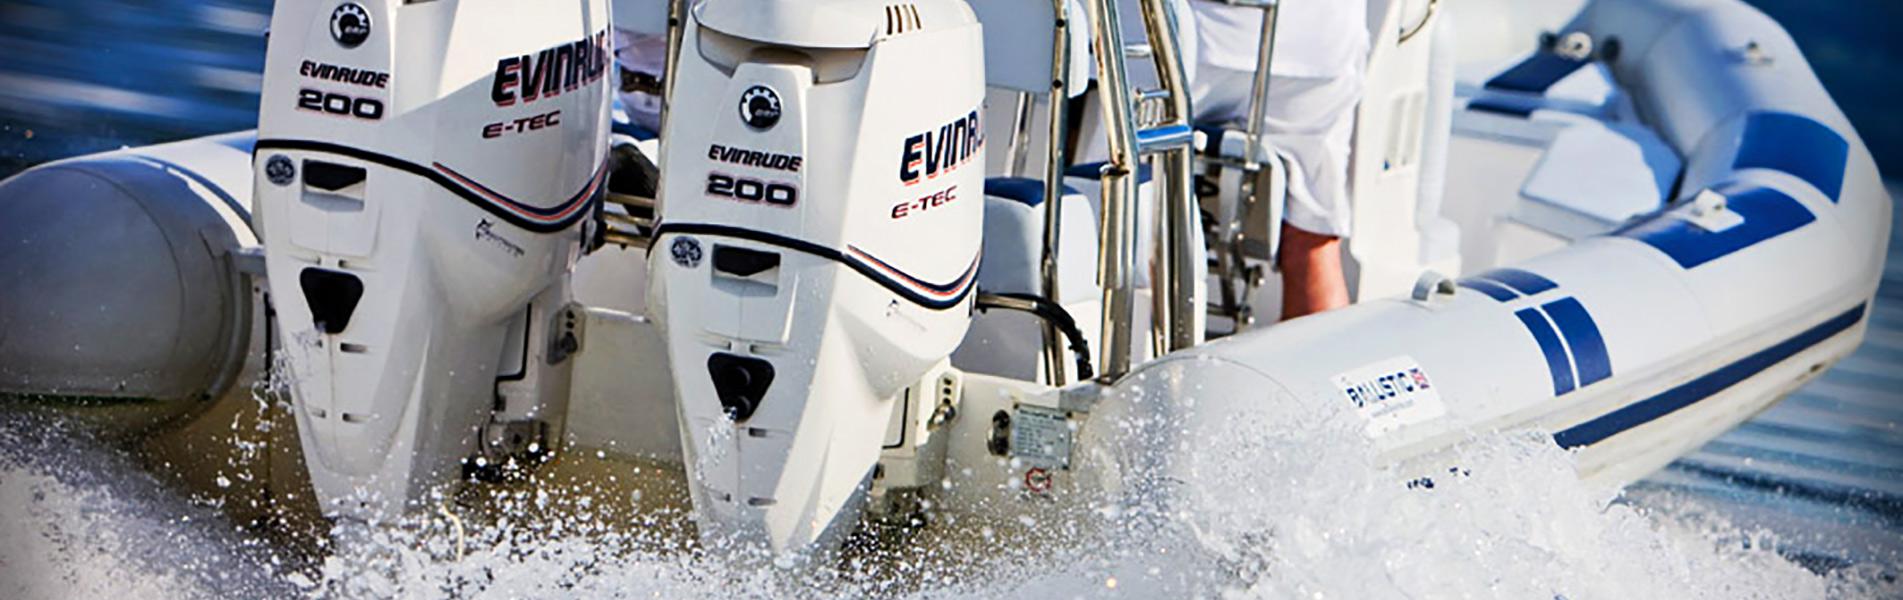 Boat Sales in Pompano Beach, FL   Boat Repair   Boat Dealer